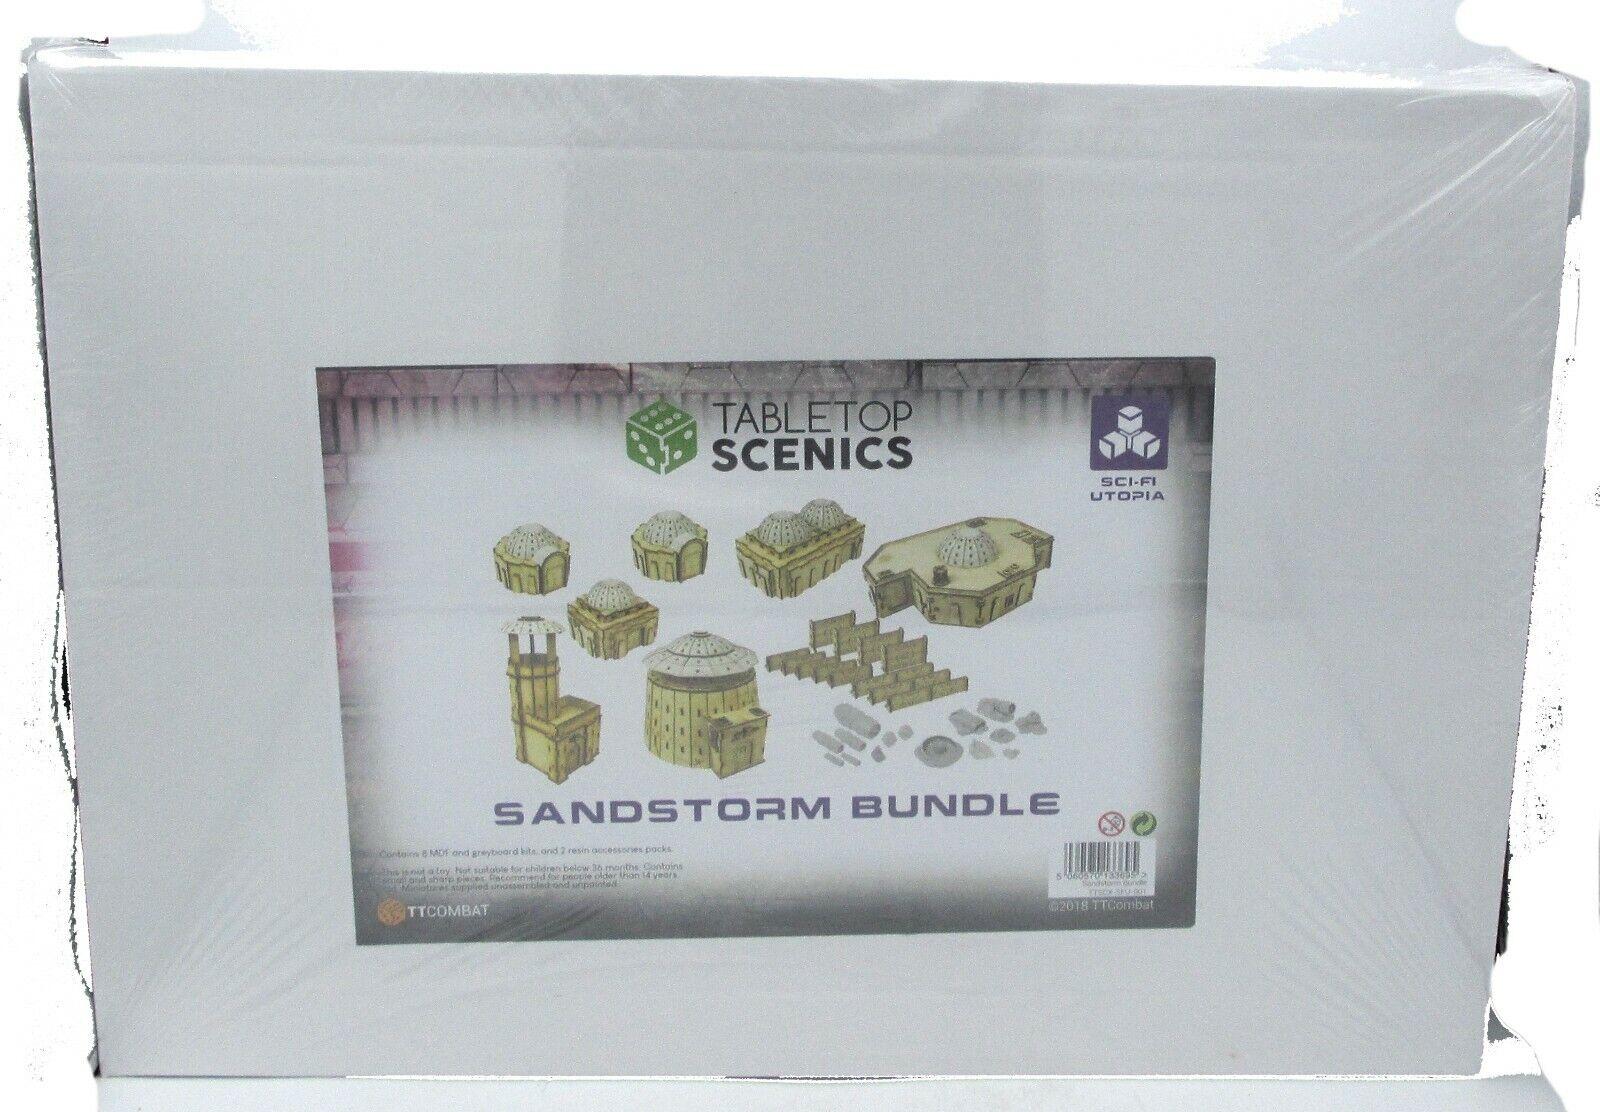 TTCombat TTSCX-SFU-001 Sandstorm Bundle (Sci-Fi Utopia) Tabletop Scenics Terrain